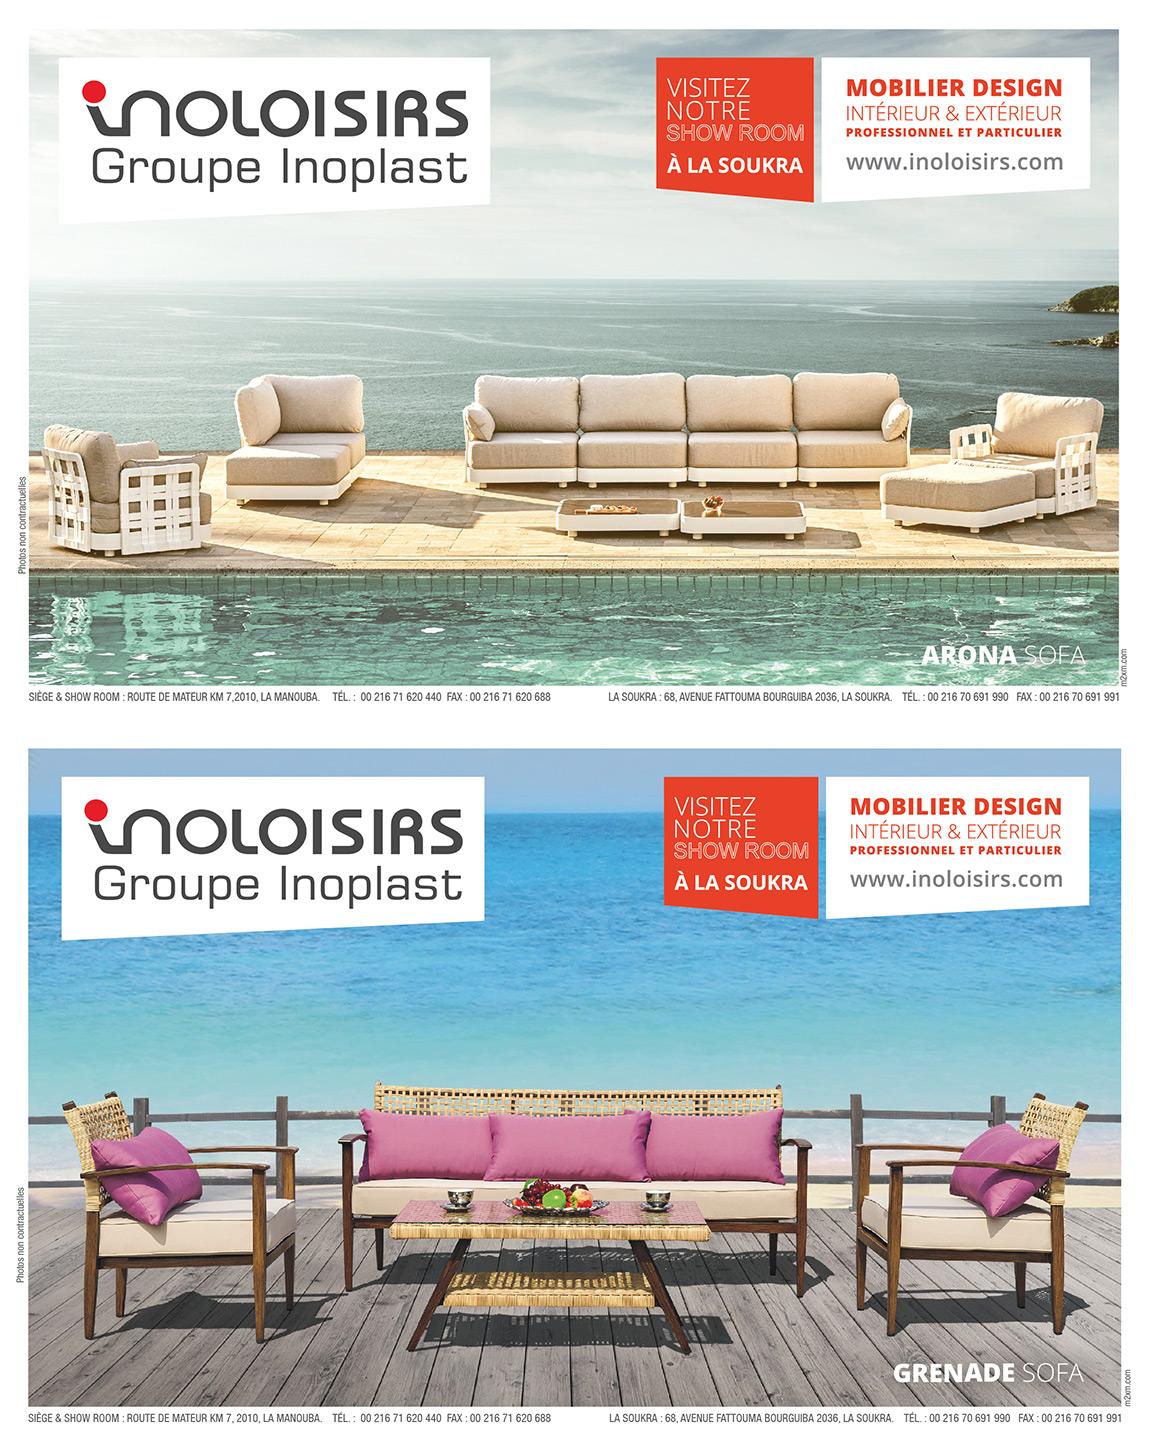 compagne_affichage_inoloisirs_tunisie